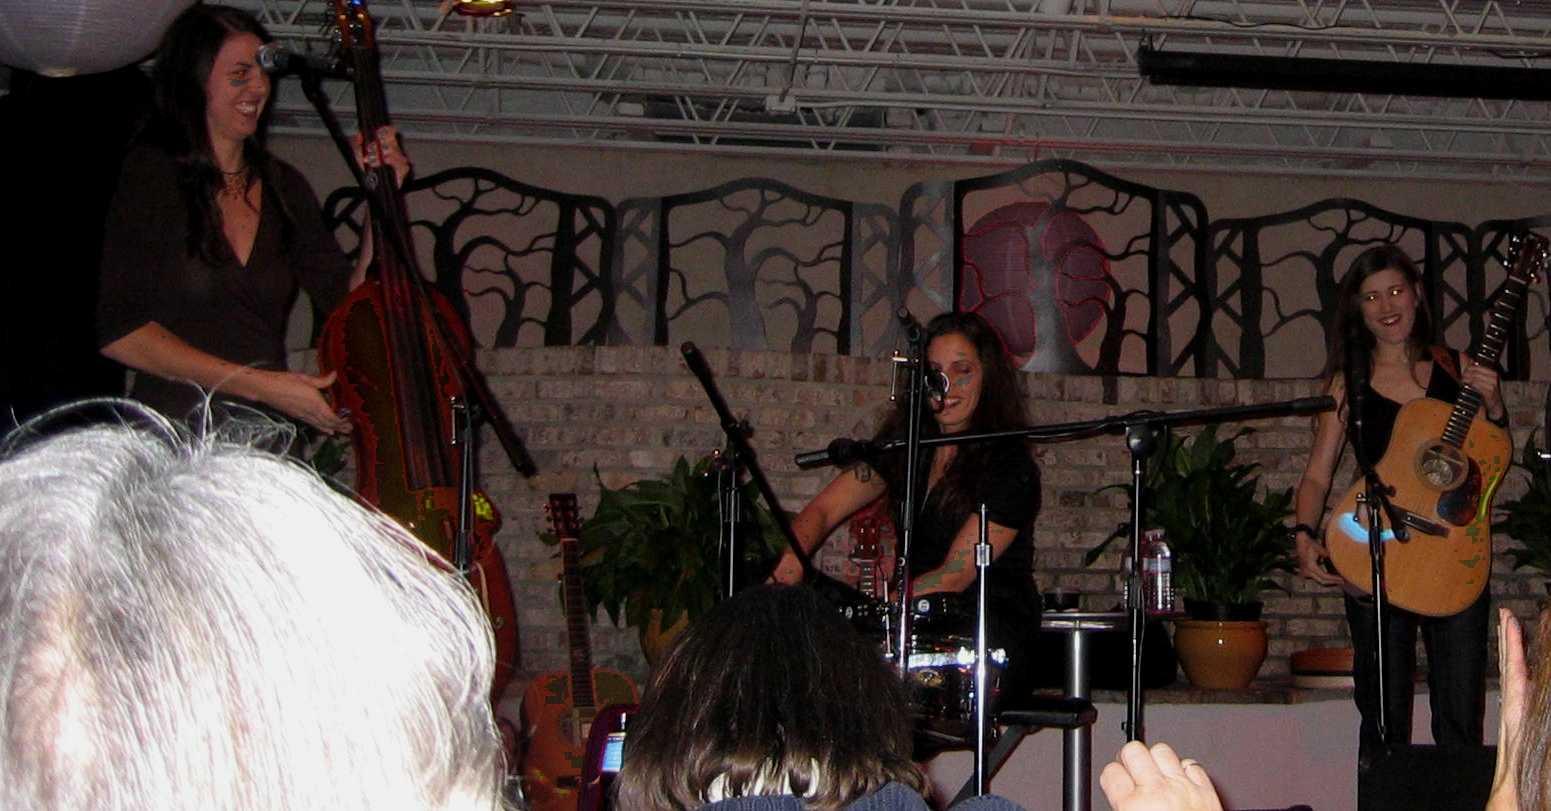 The Wailin' Jennys at Gravity Lounge